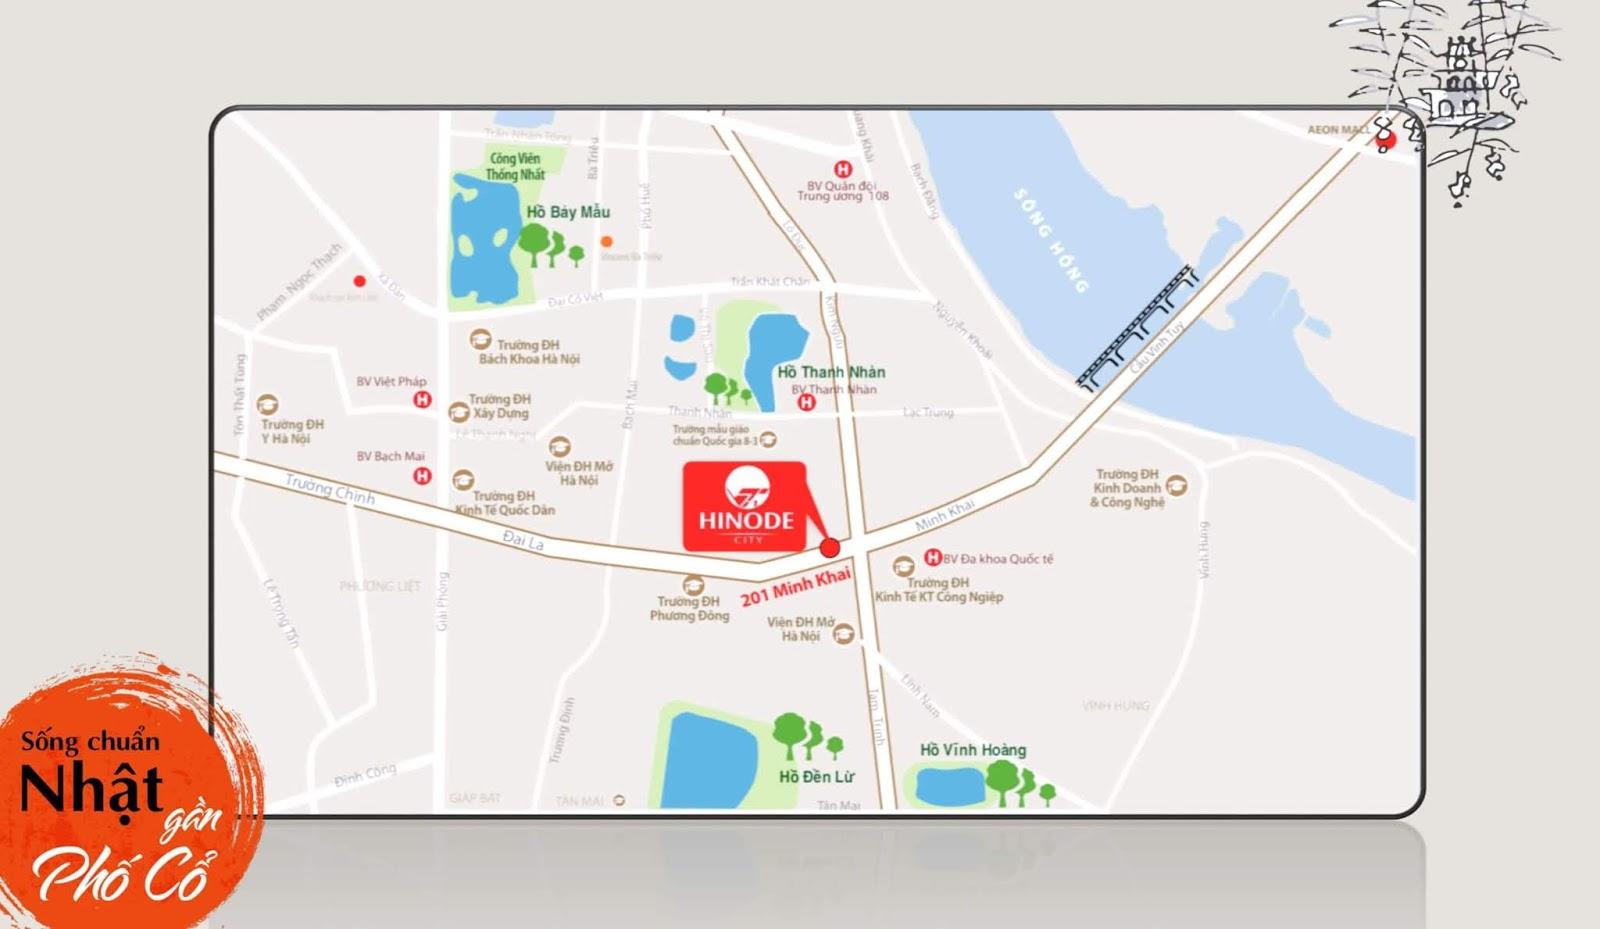 Hinode City vị trí đắc địa trái tim của Thủ Đô Hà Nội